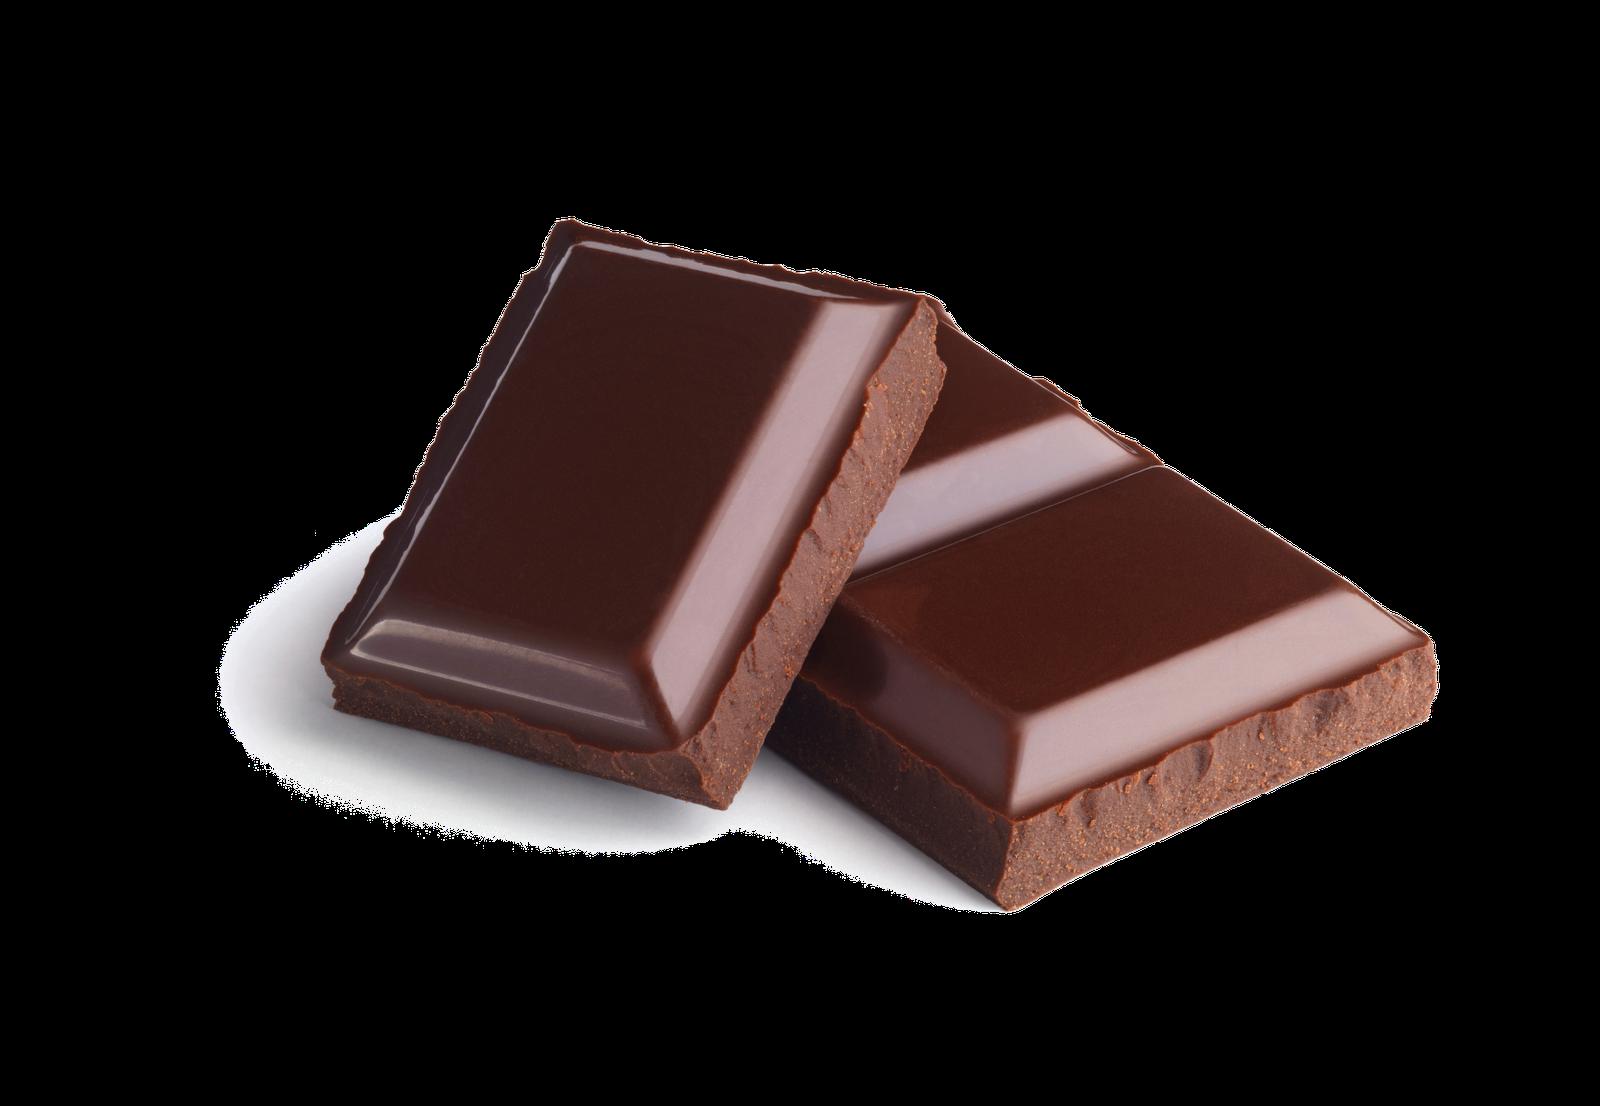 hidratação de chocolate